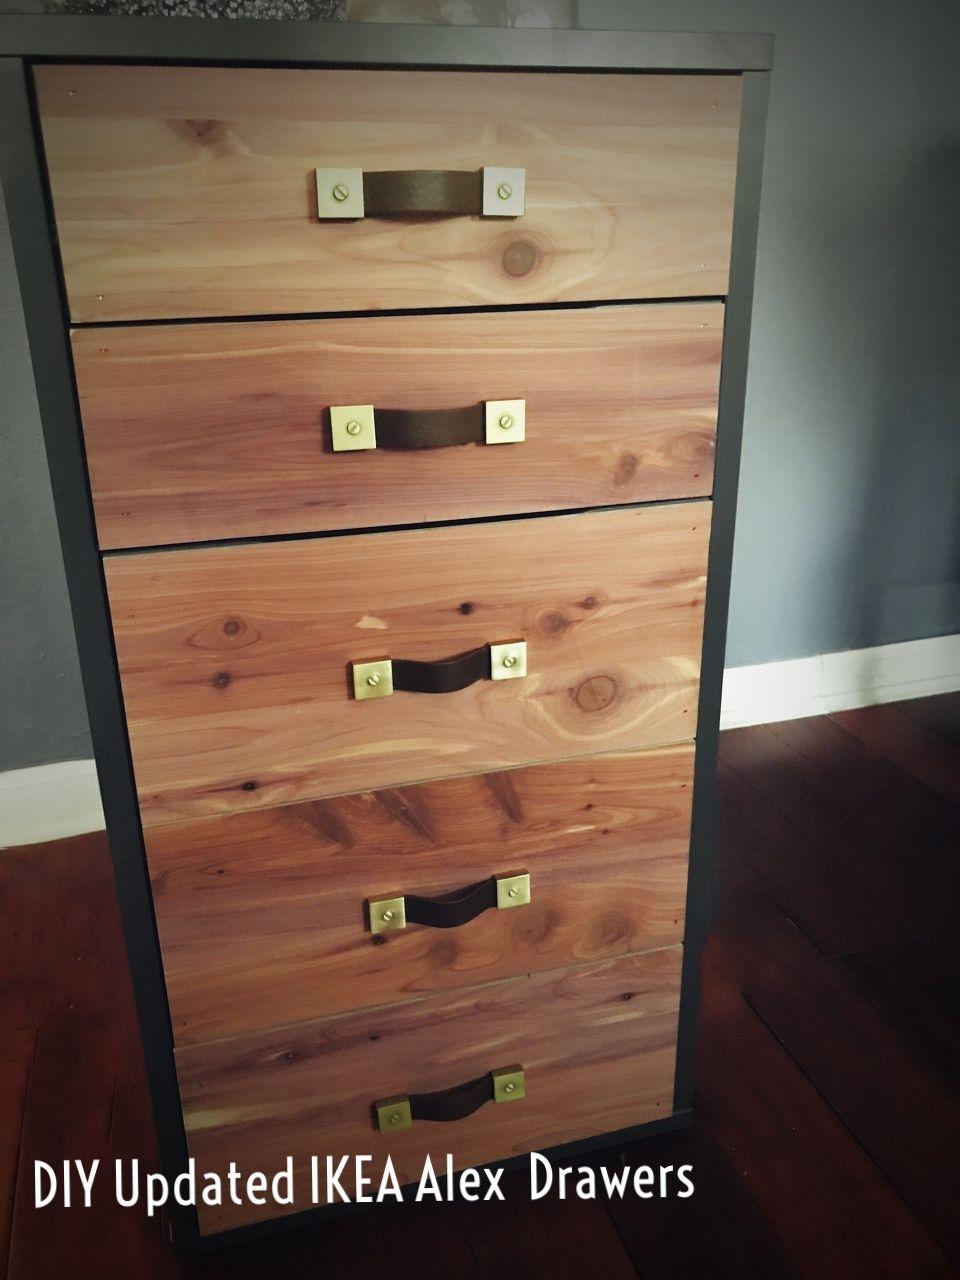 DIY IKEA Hack: IKEA Alex Drawers, flat file drawers, map drawers